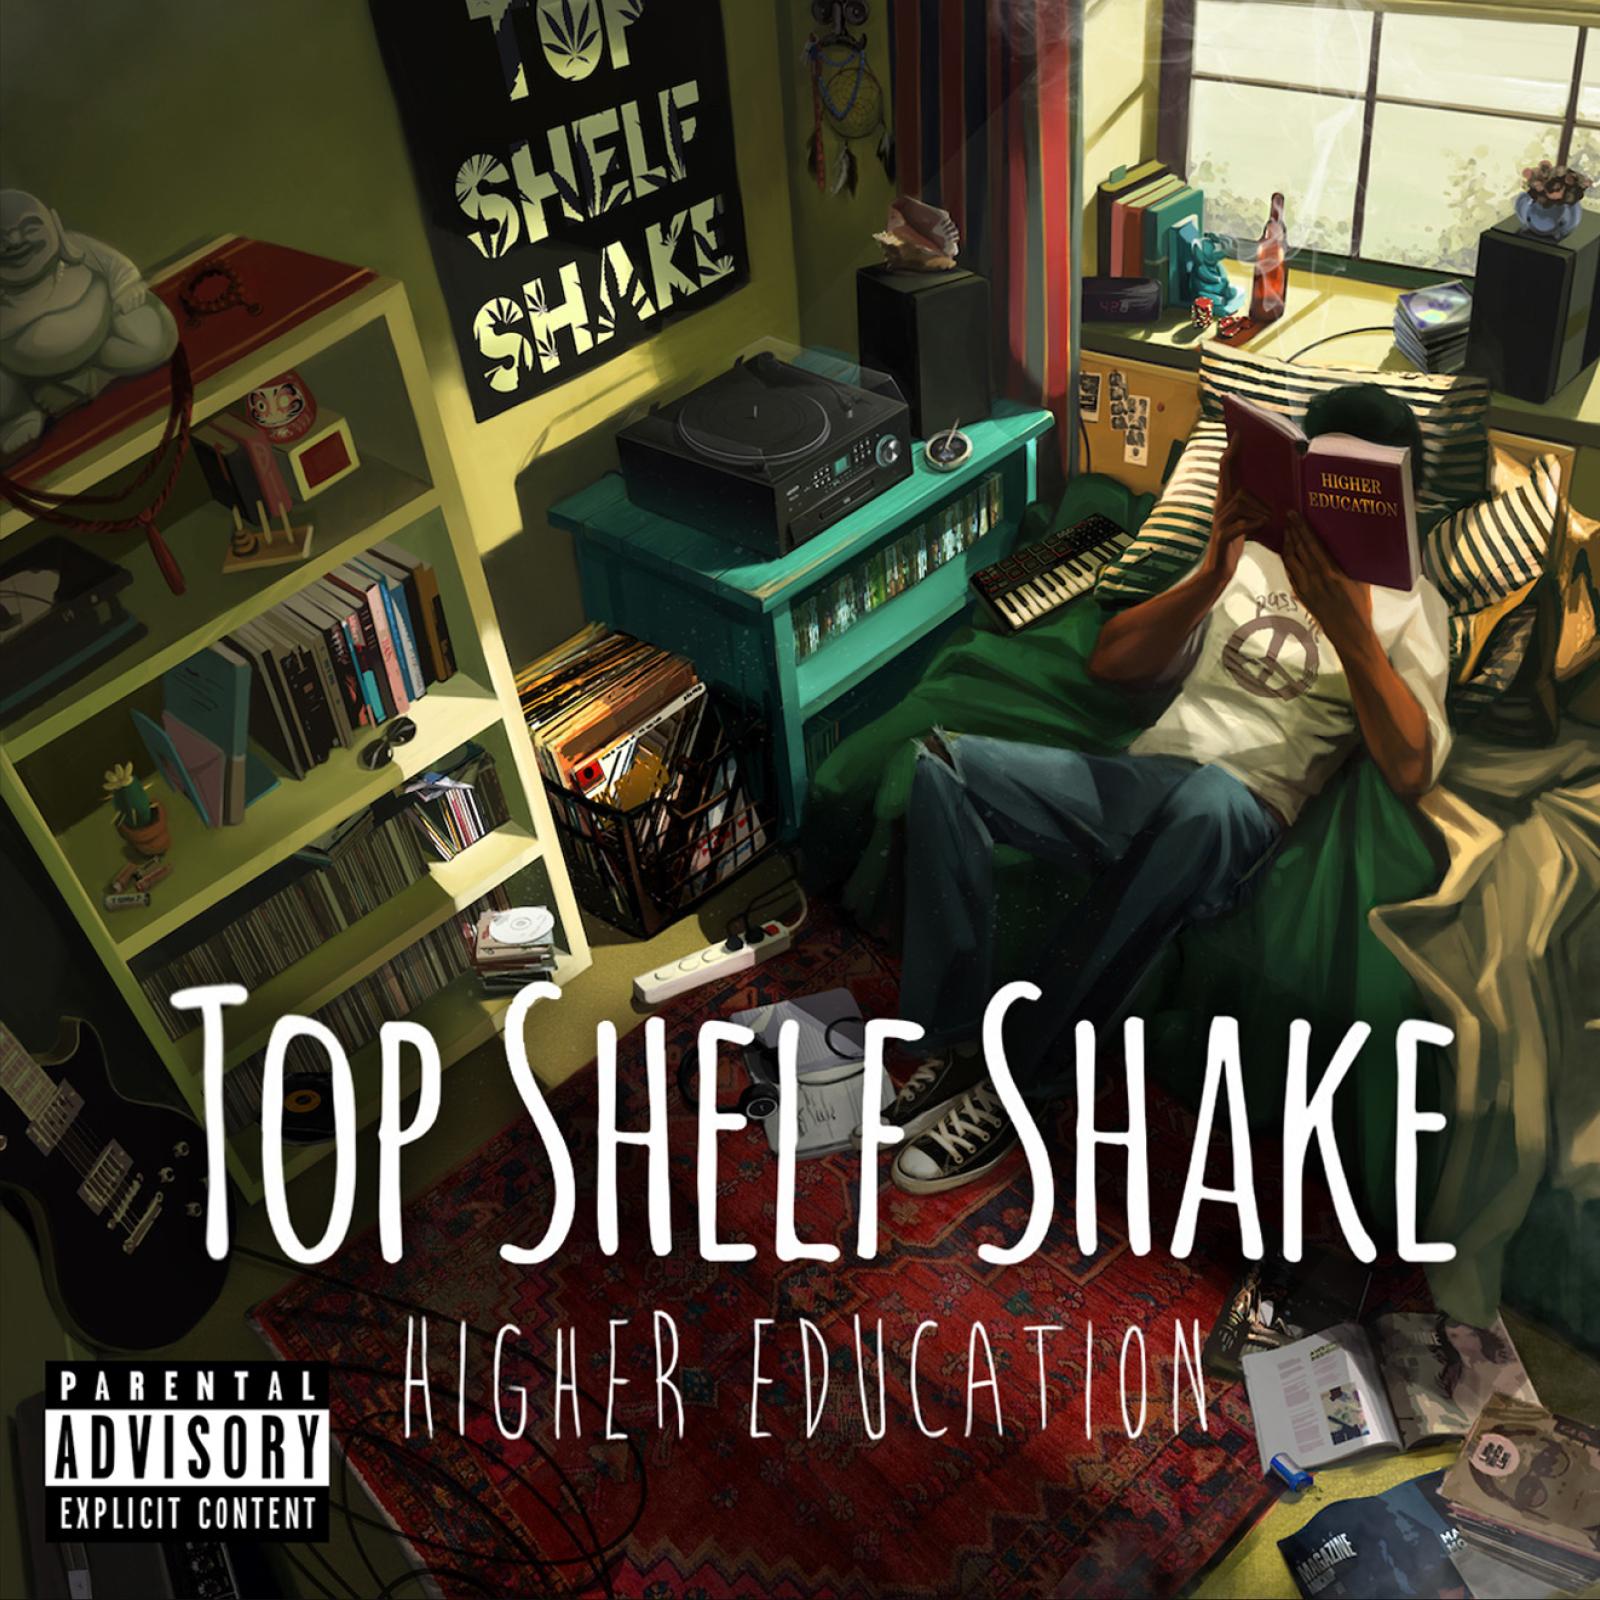 Higher Education Front Cover_1600x1600.JPG.jpg